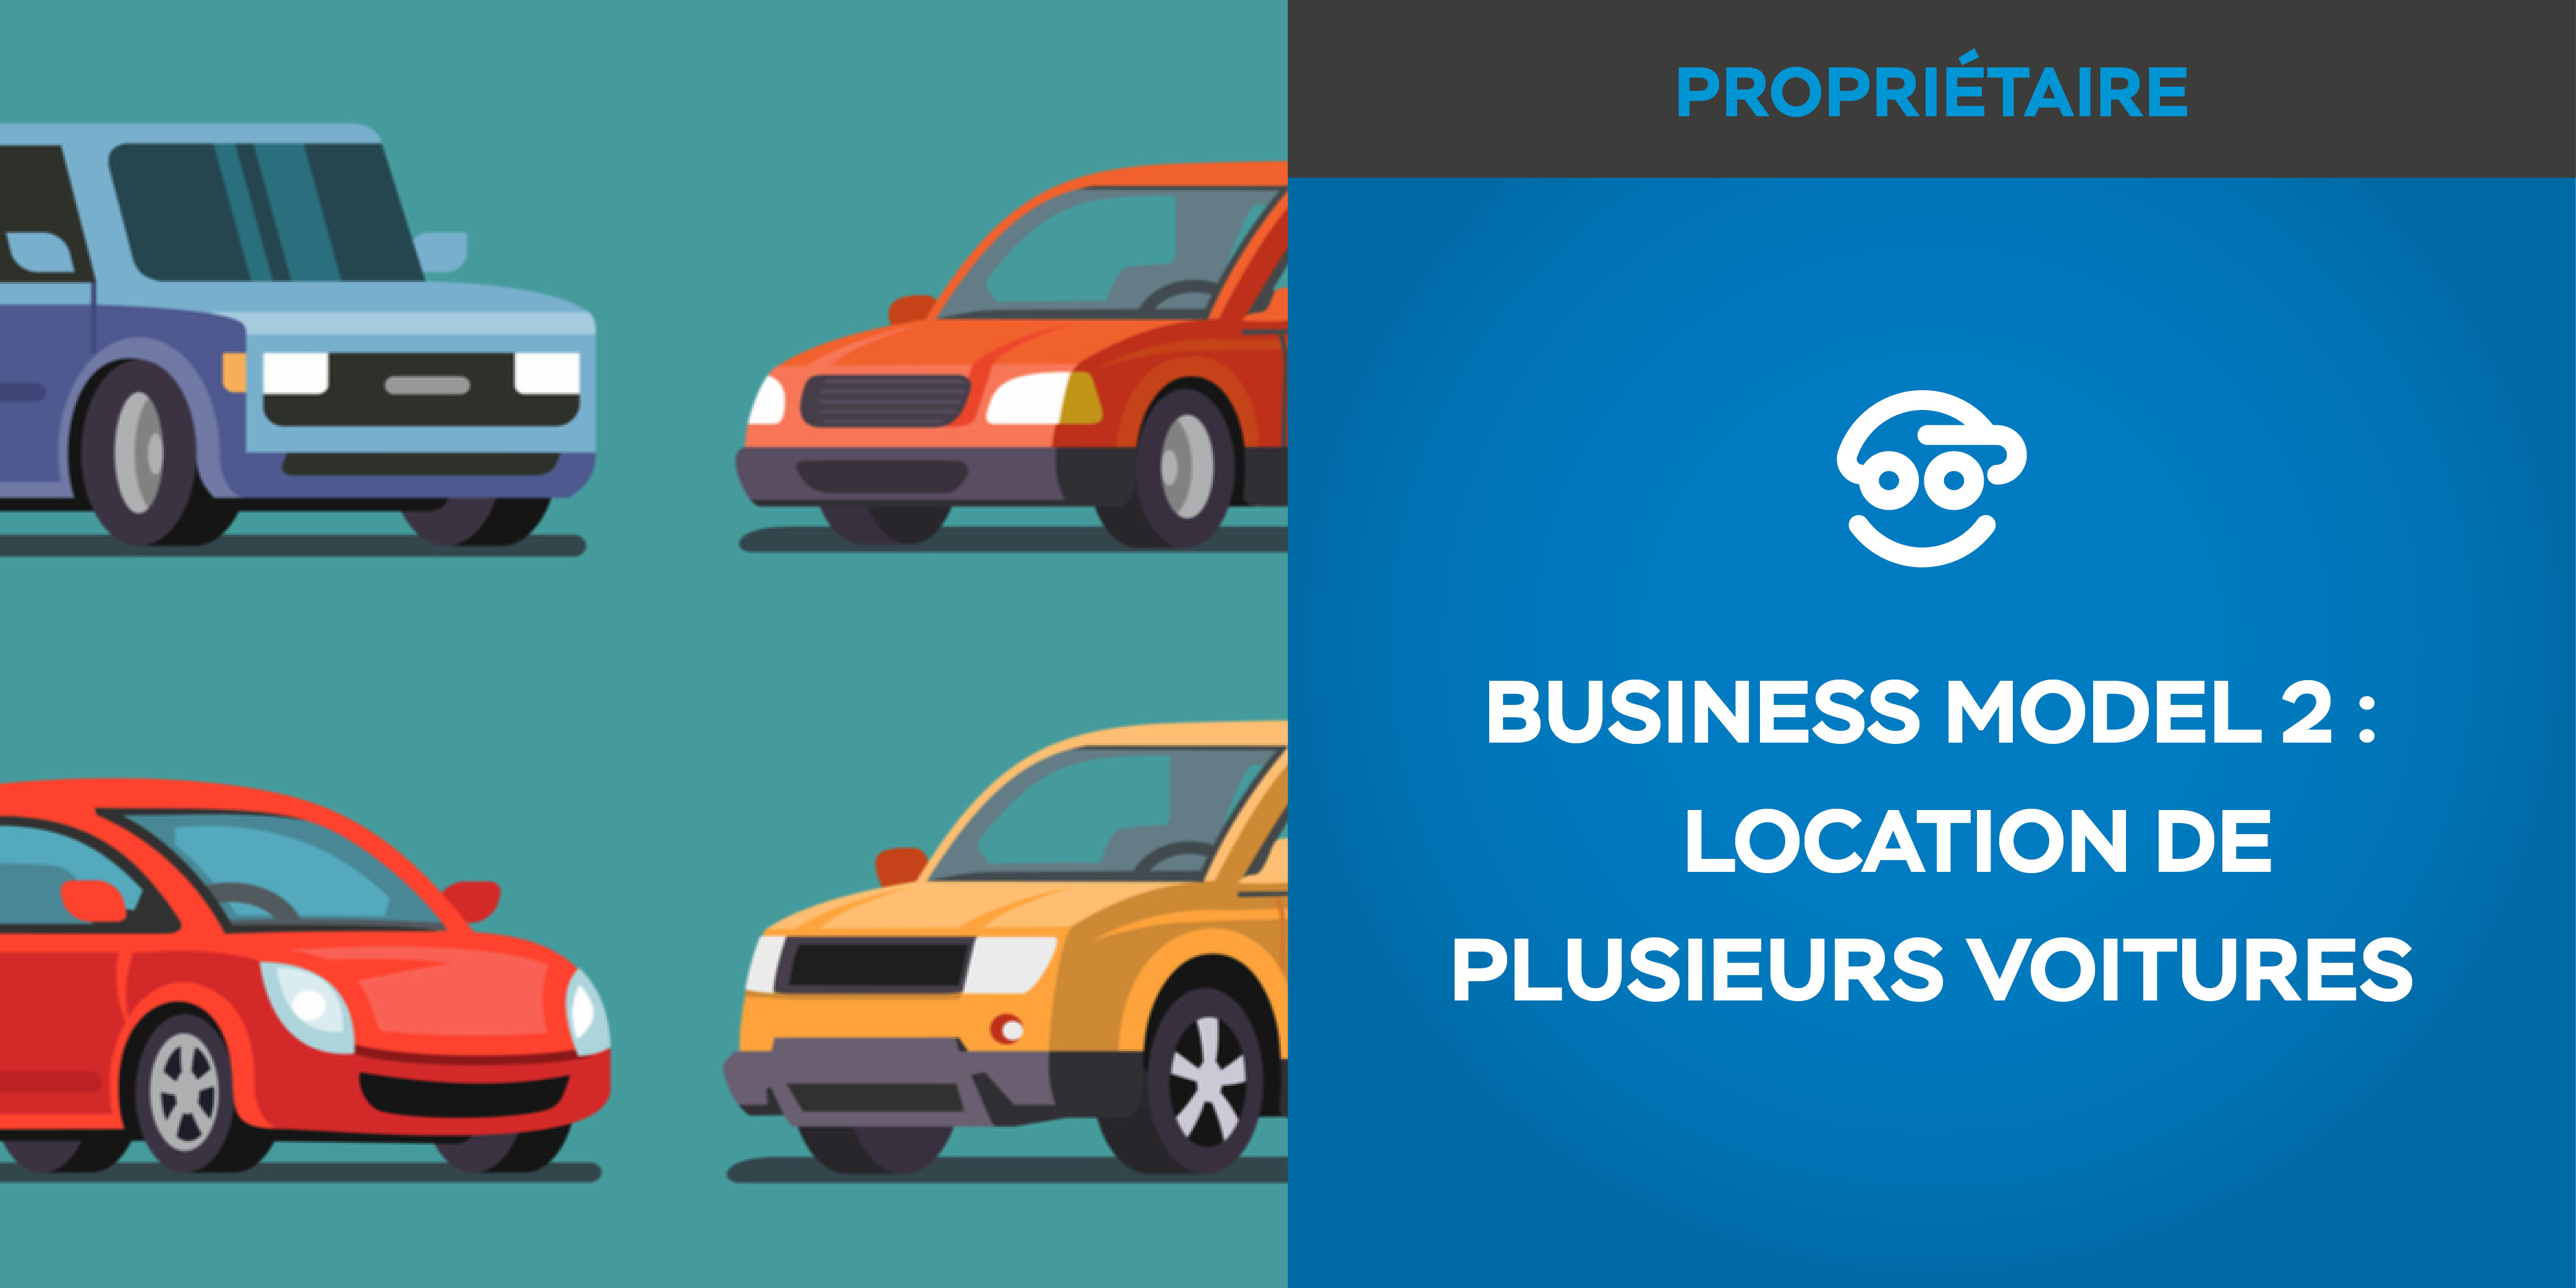 Business model #2 : location de plusieurs voitures